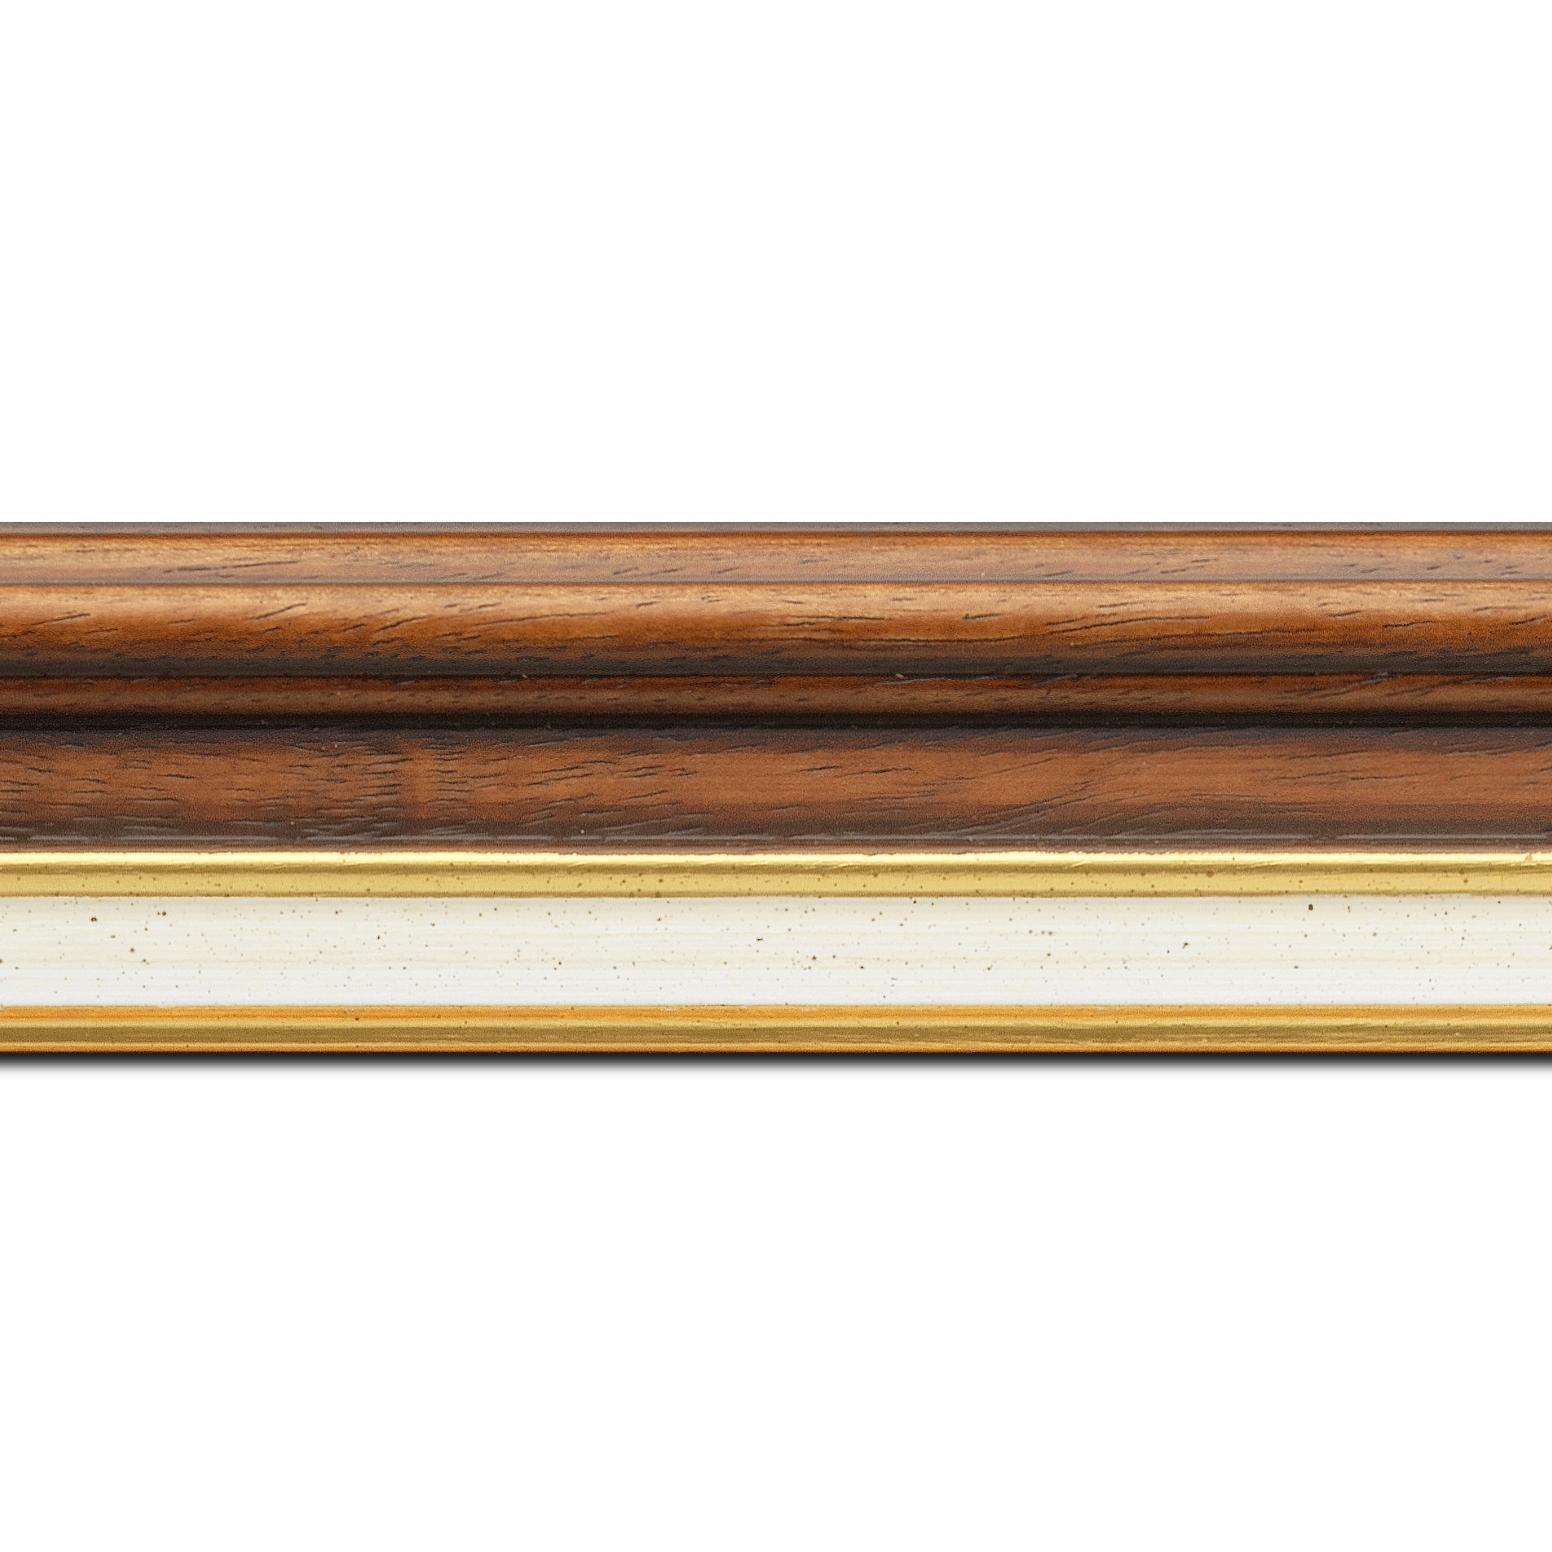 Baguette longueur 1.40m bois largeur 5.2cm marron rustique  marie louise crème filet or intégrée